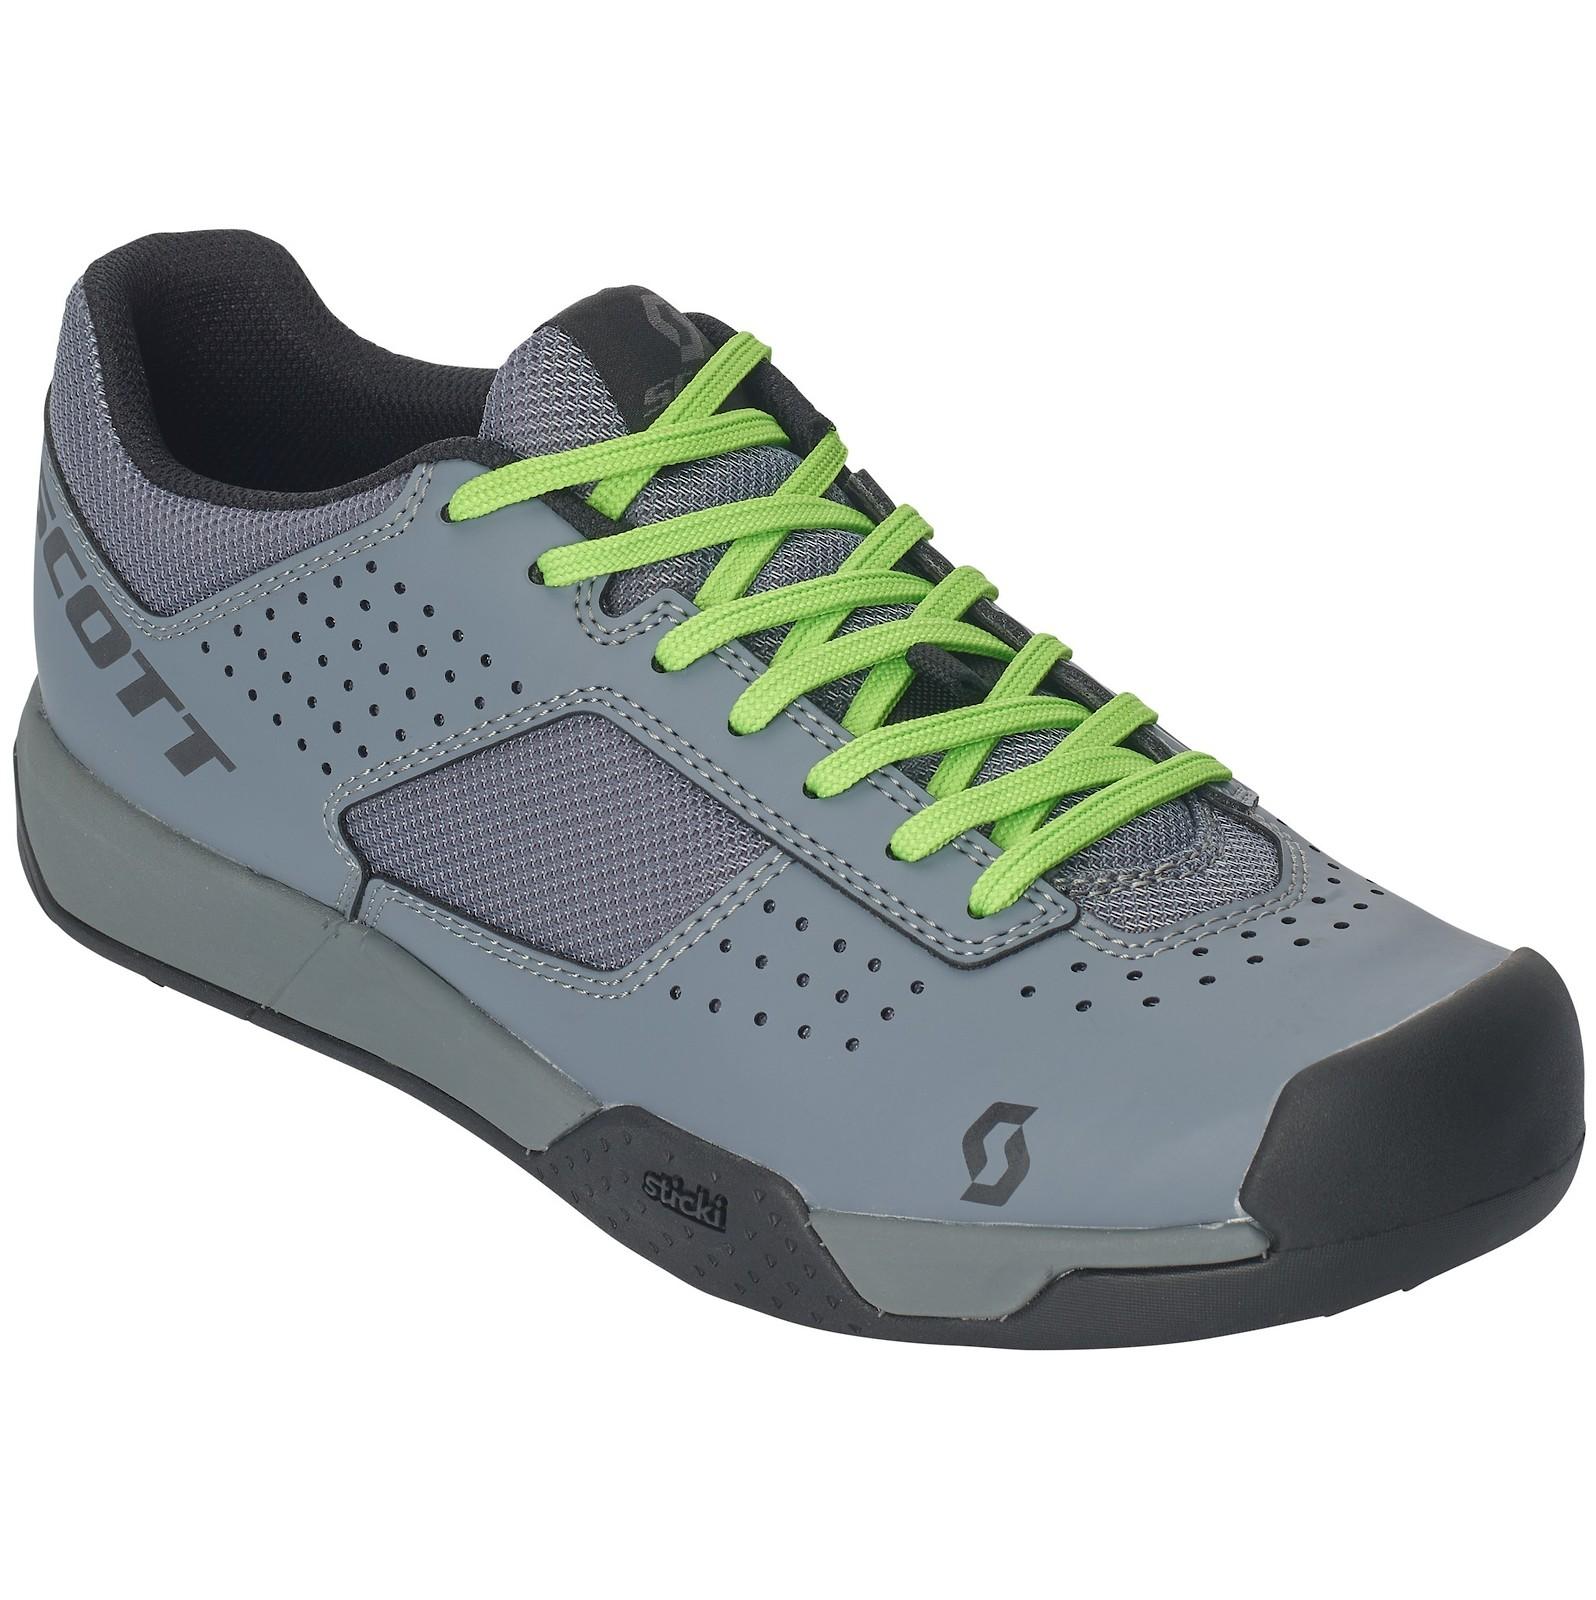 Scott AR shoe in black/grey